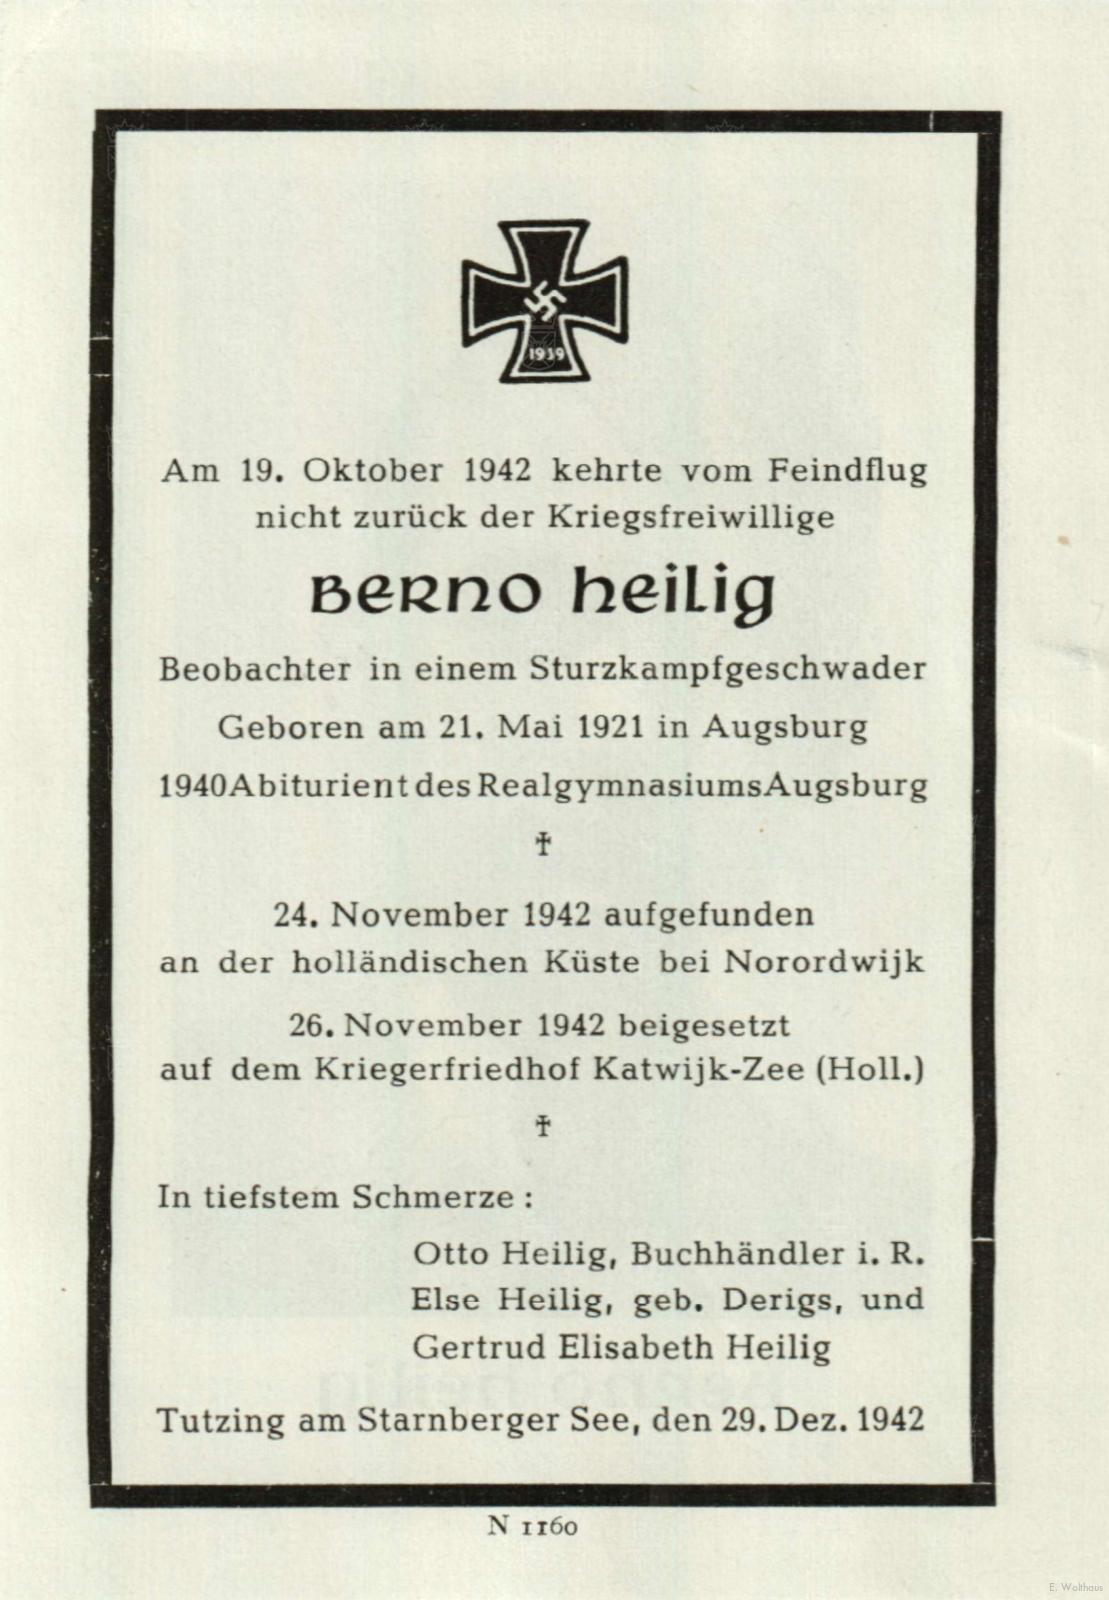 Het bidprentje uitgegeven ter nagedachtenis aan Berno Heilig.